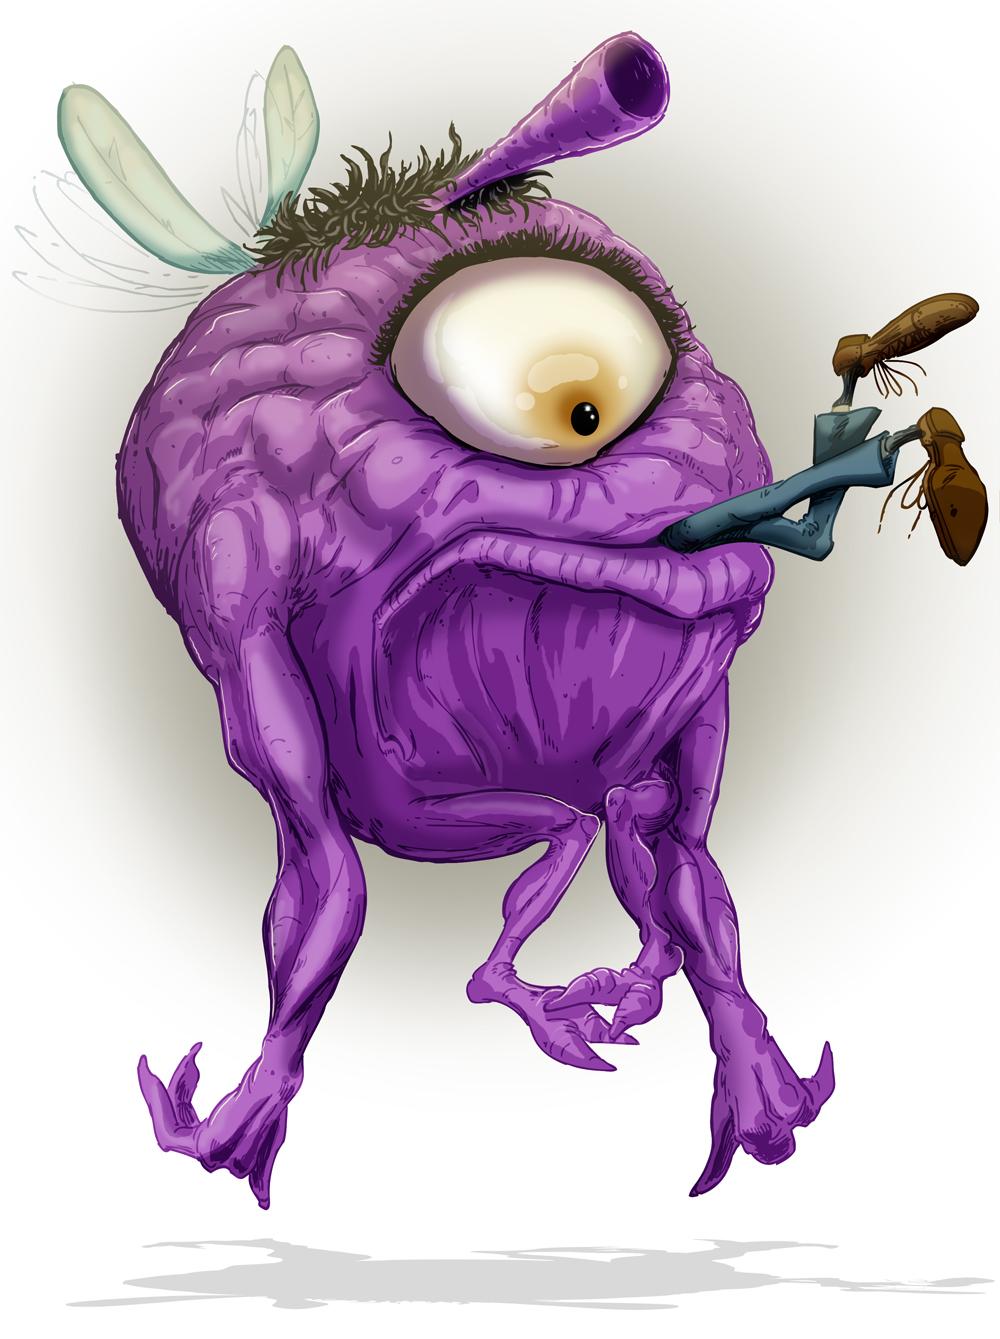 The Purple People Eater by KileyBeecher